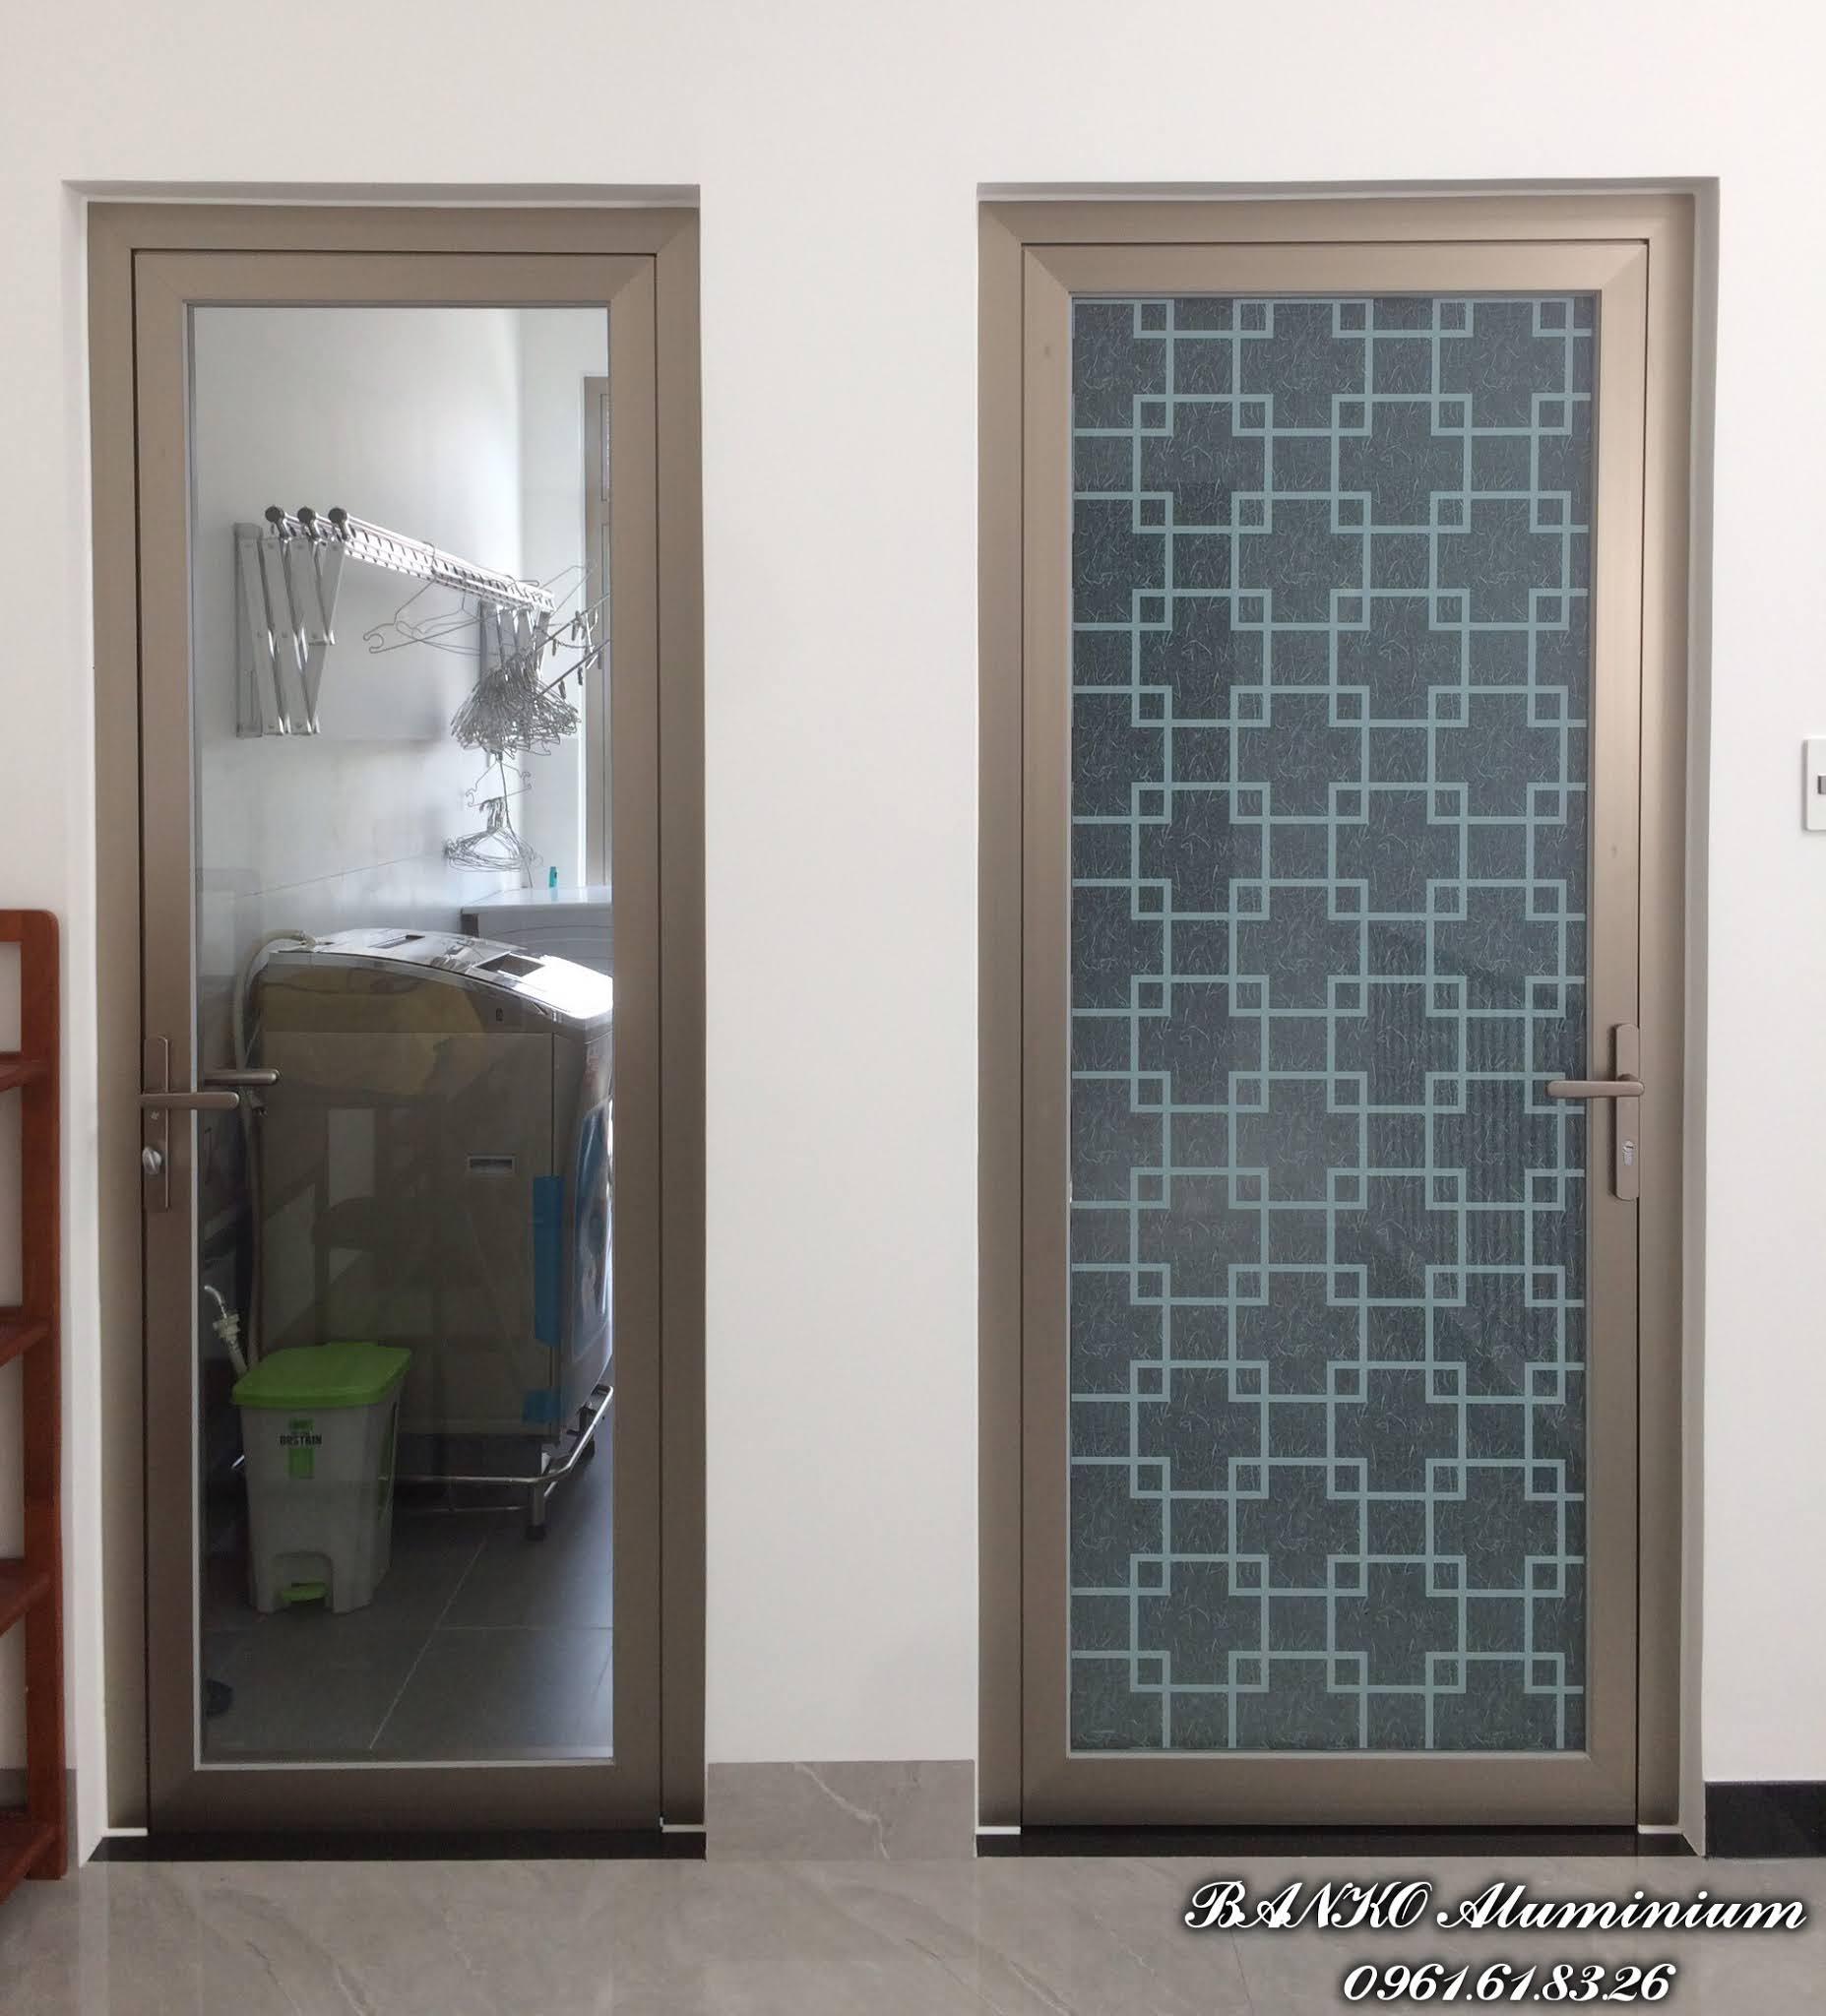 Cửa phòng giặt + Cửa phòng ngủ nhôm Hondalex